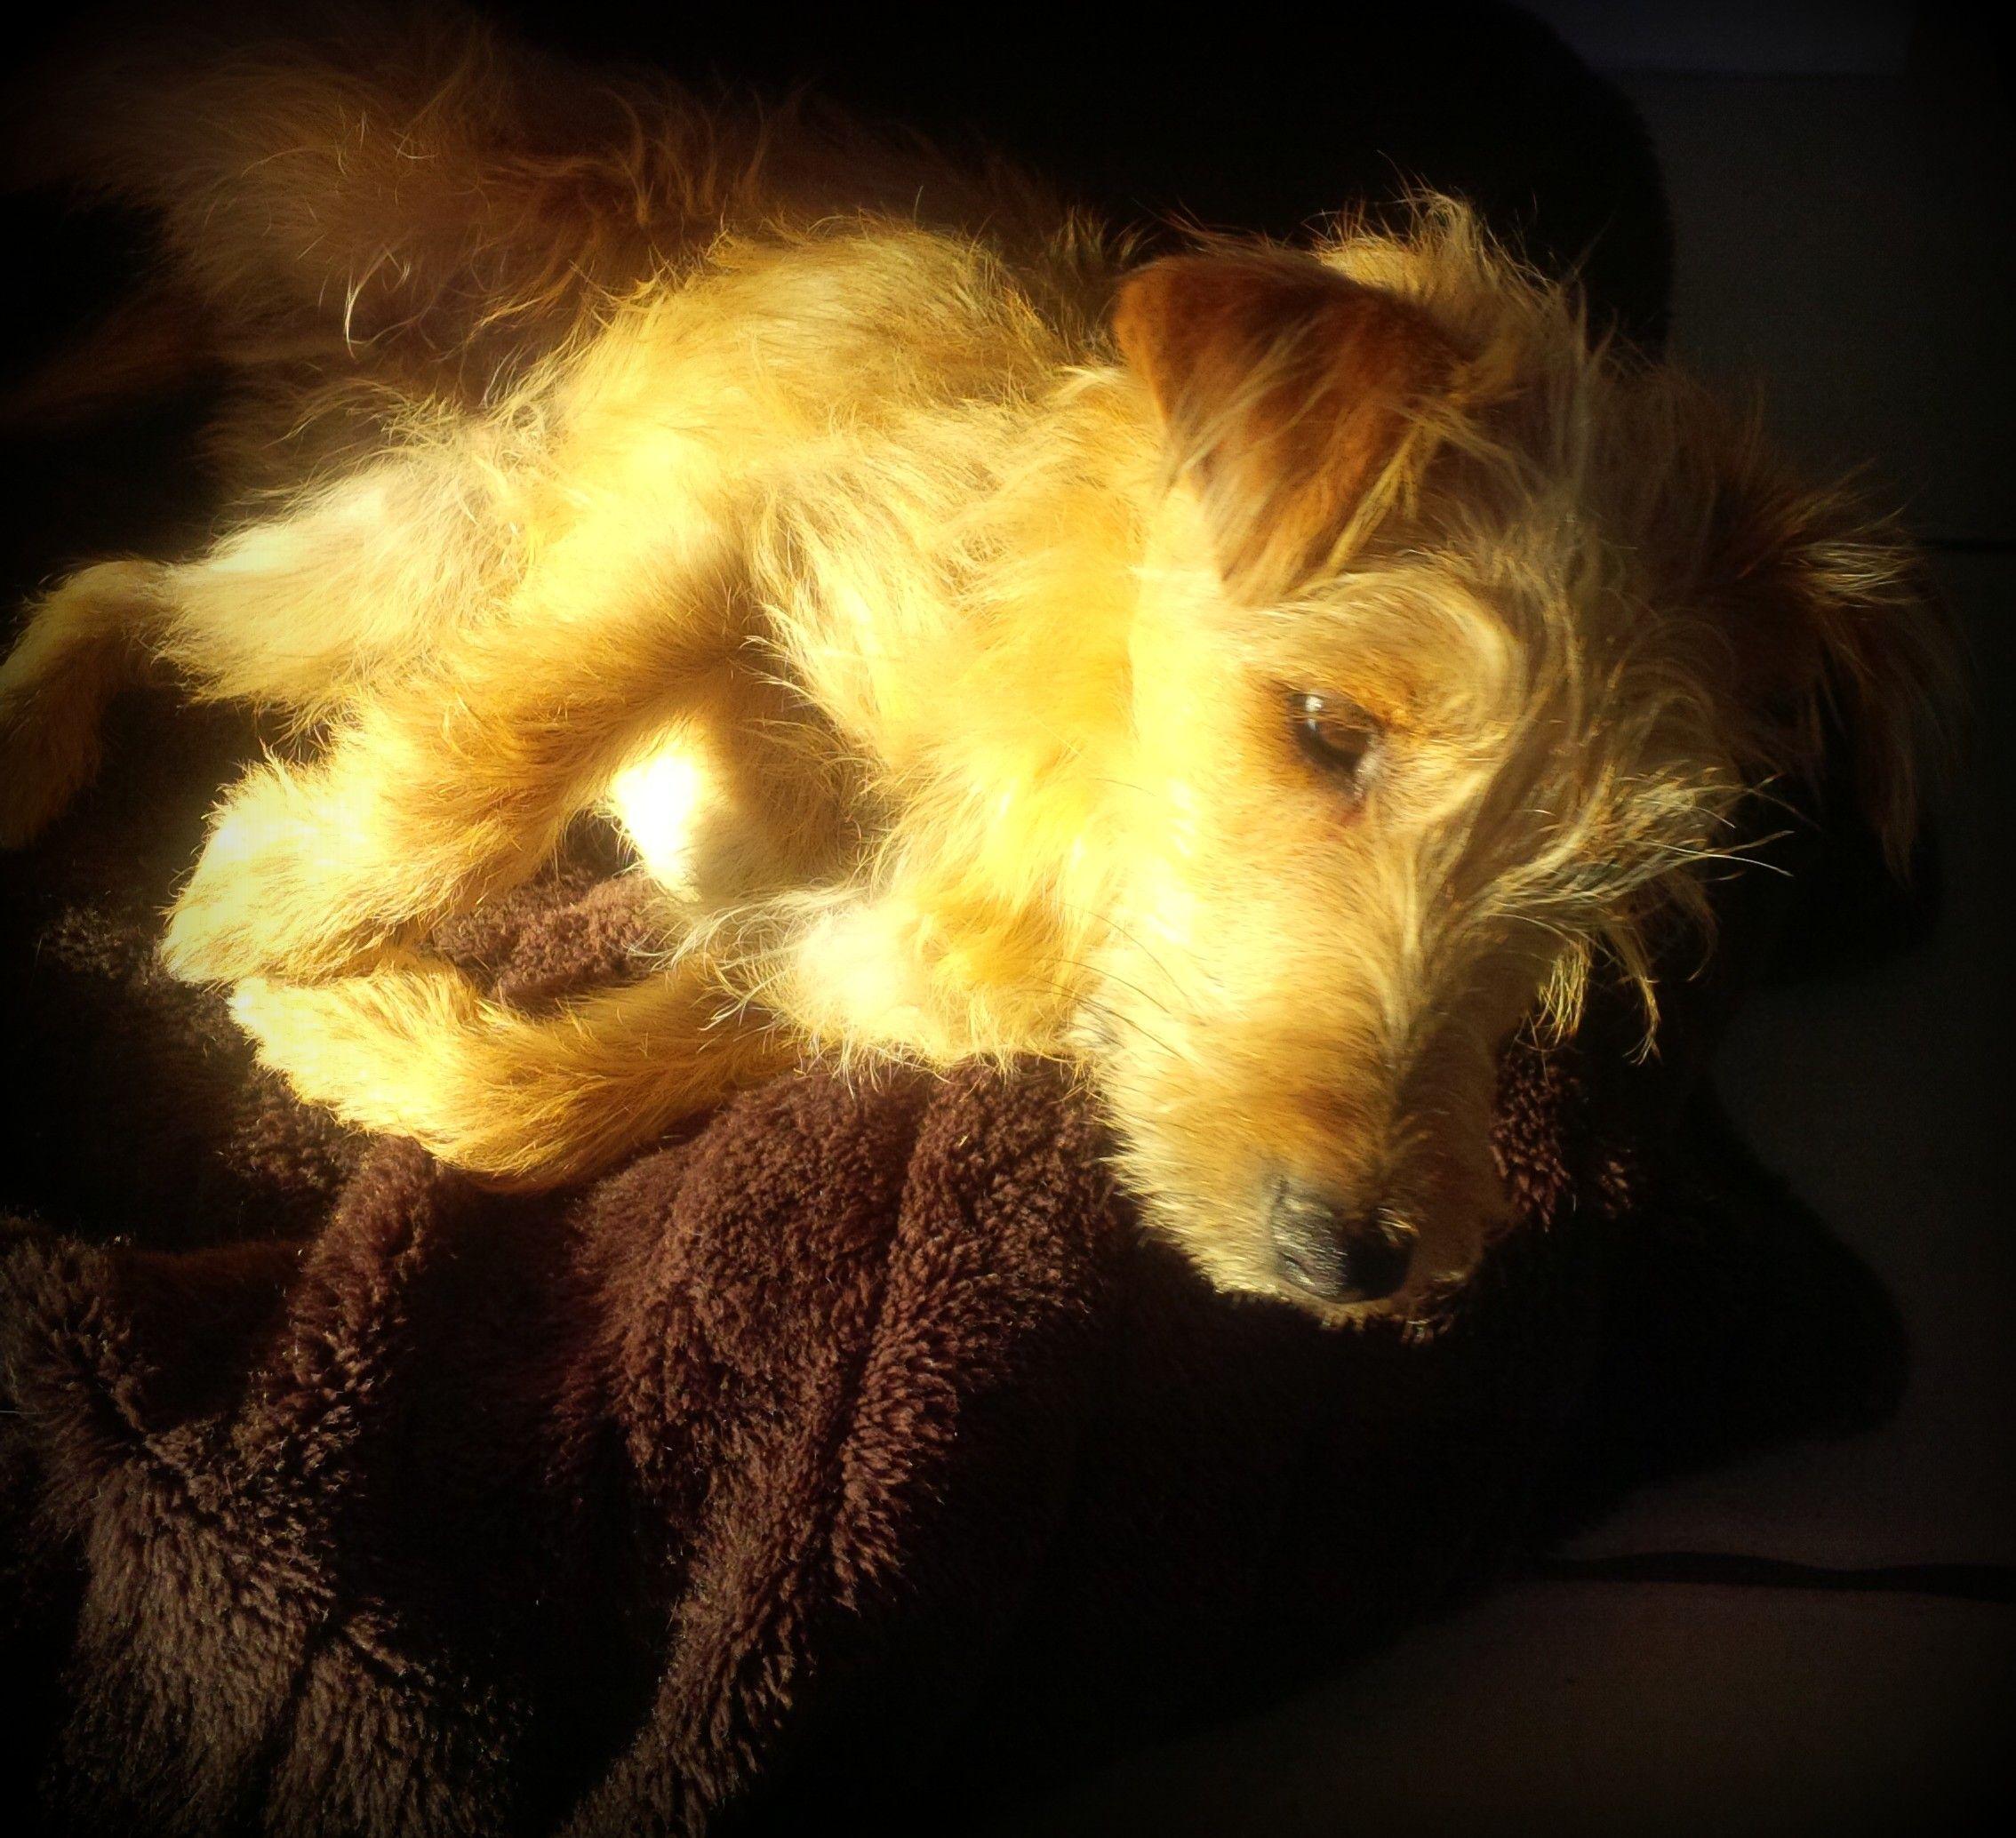 Dog in the sunshine - My sunshine boy!